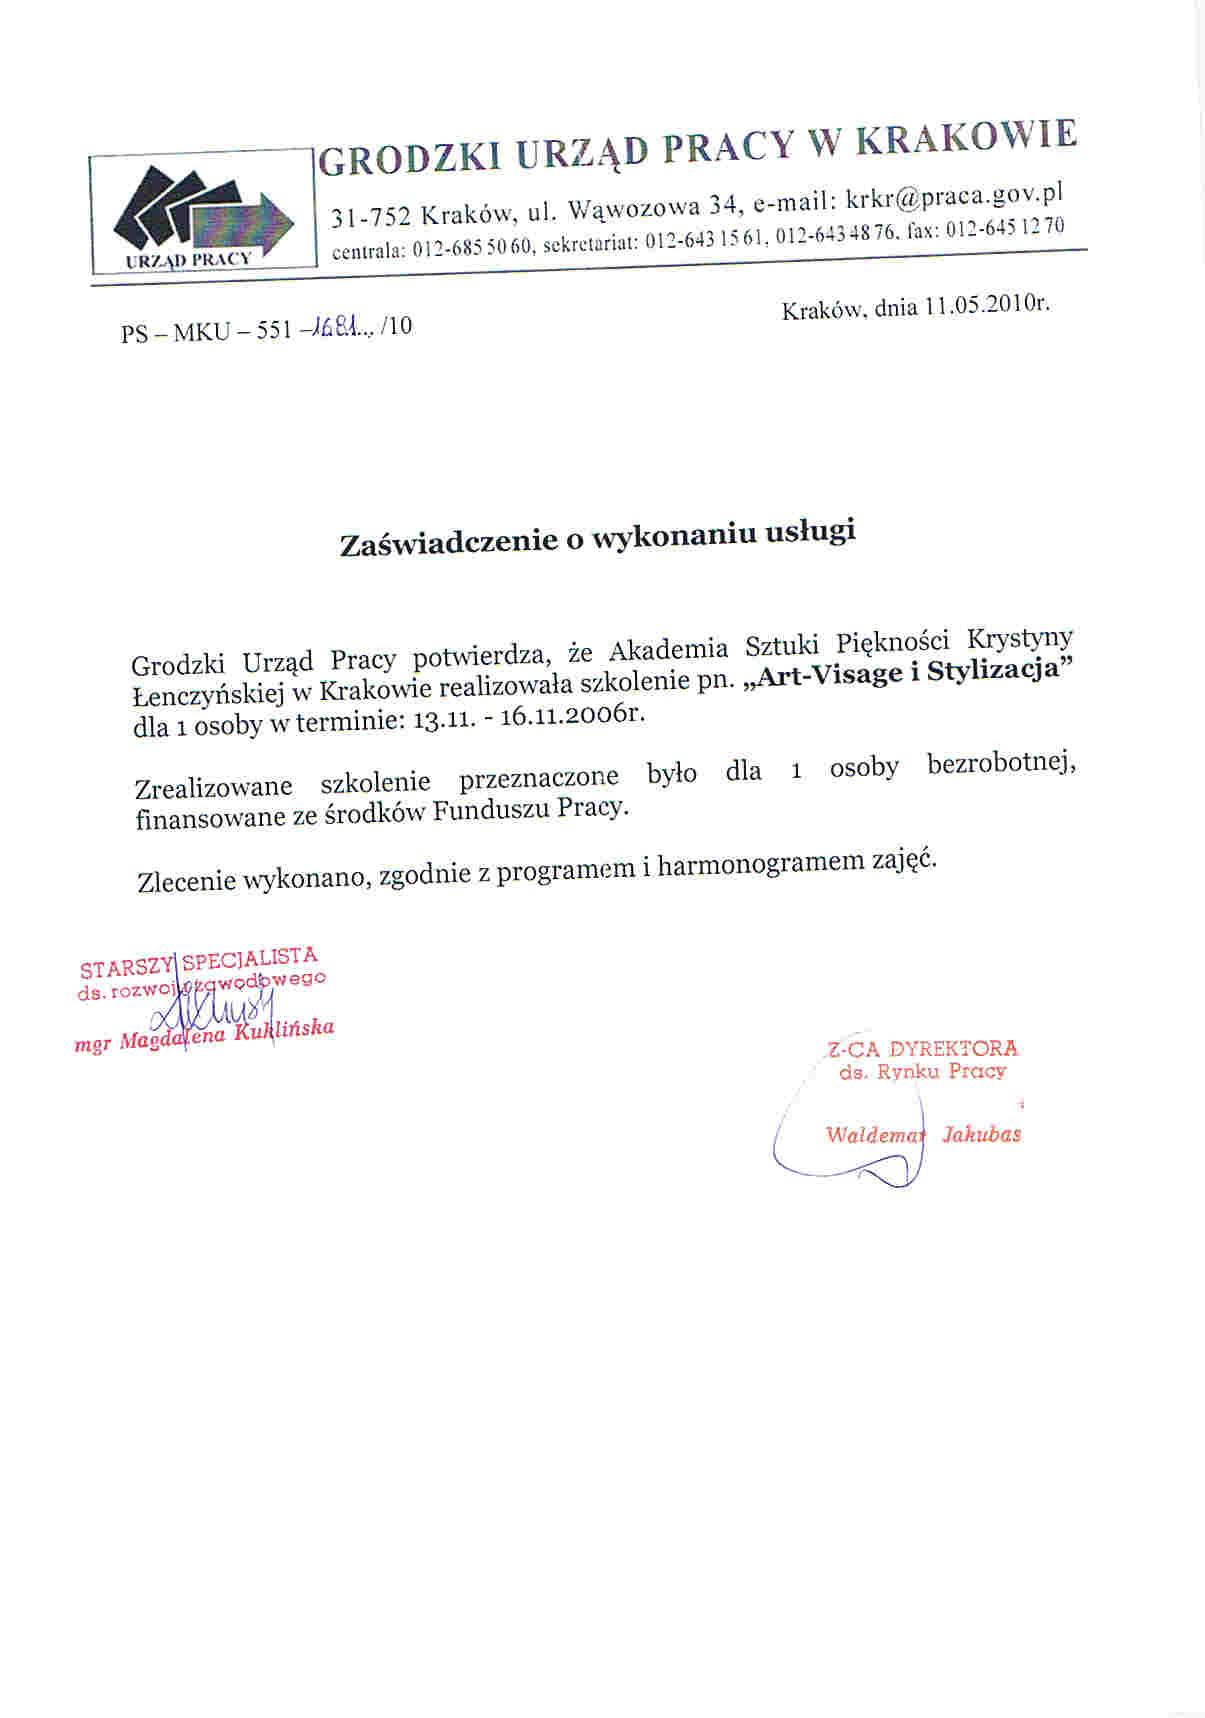 Grodzki Urząd Pracy w Krakowie-Kraków